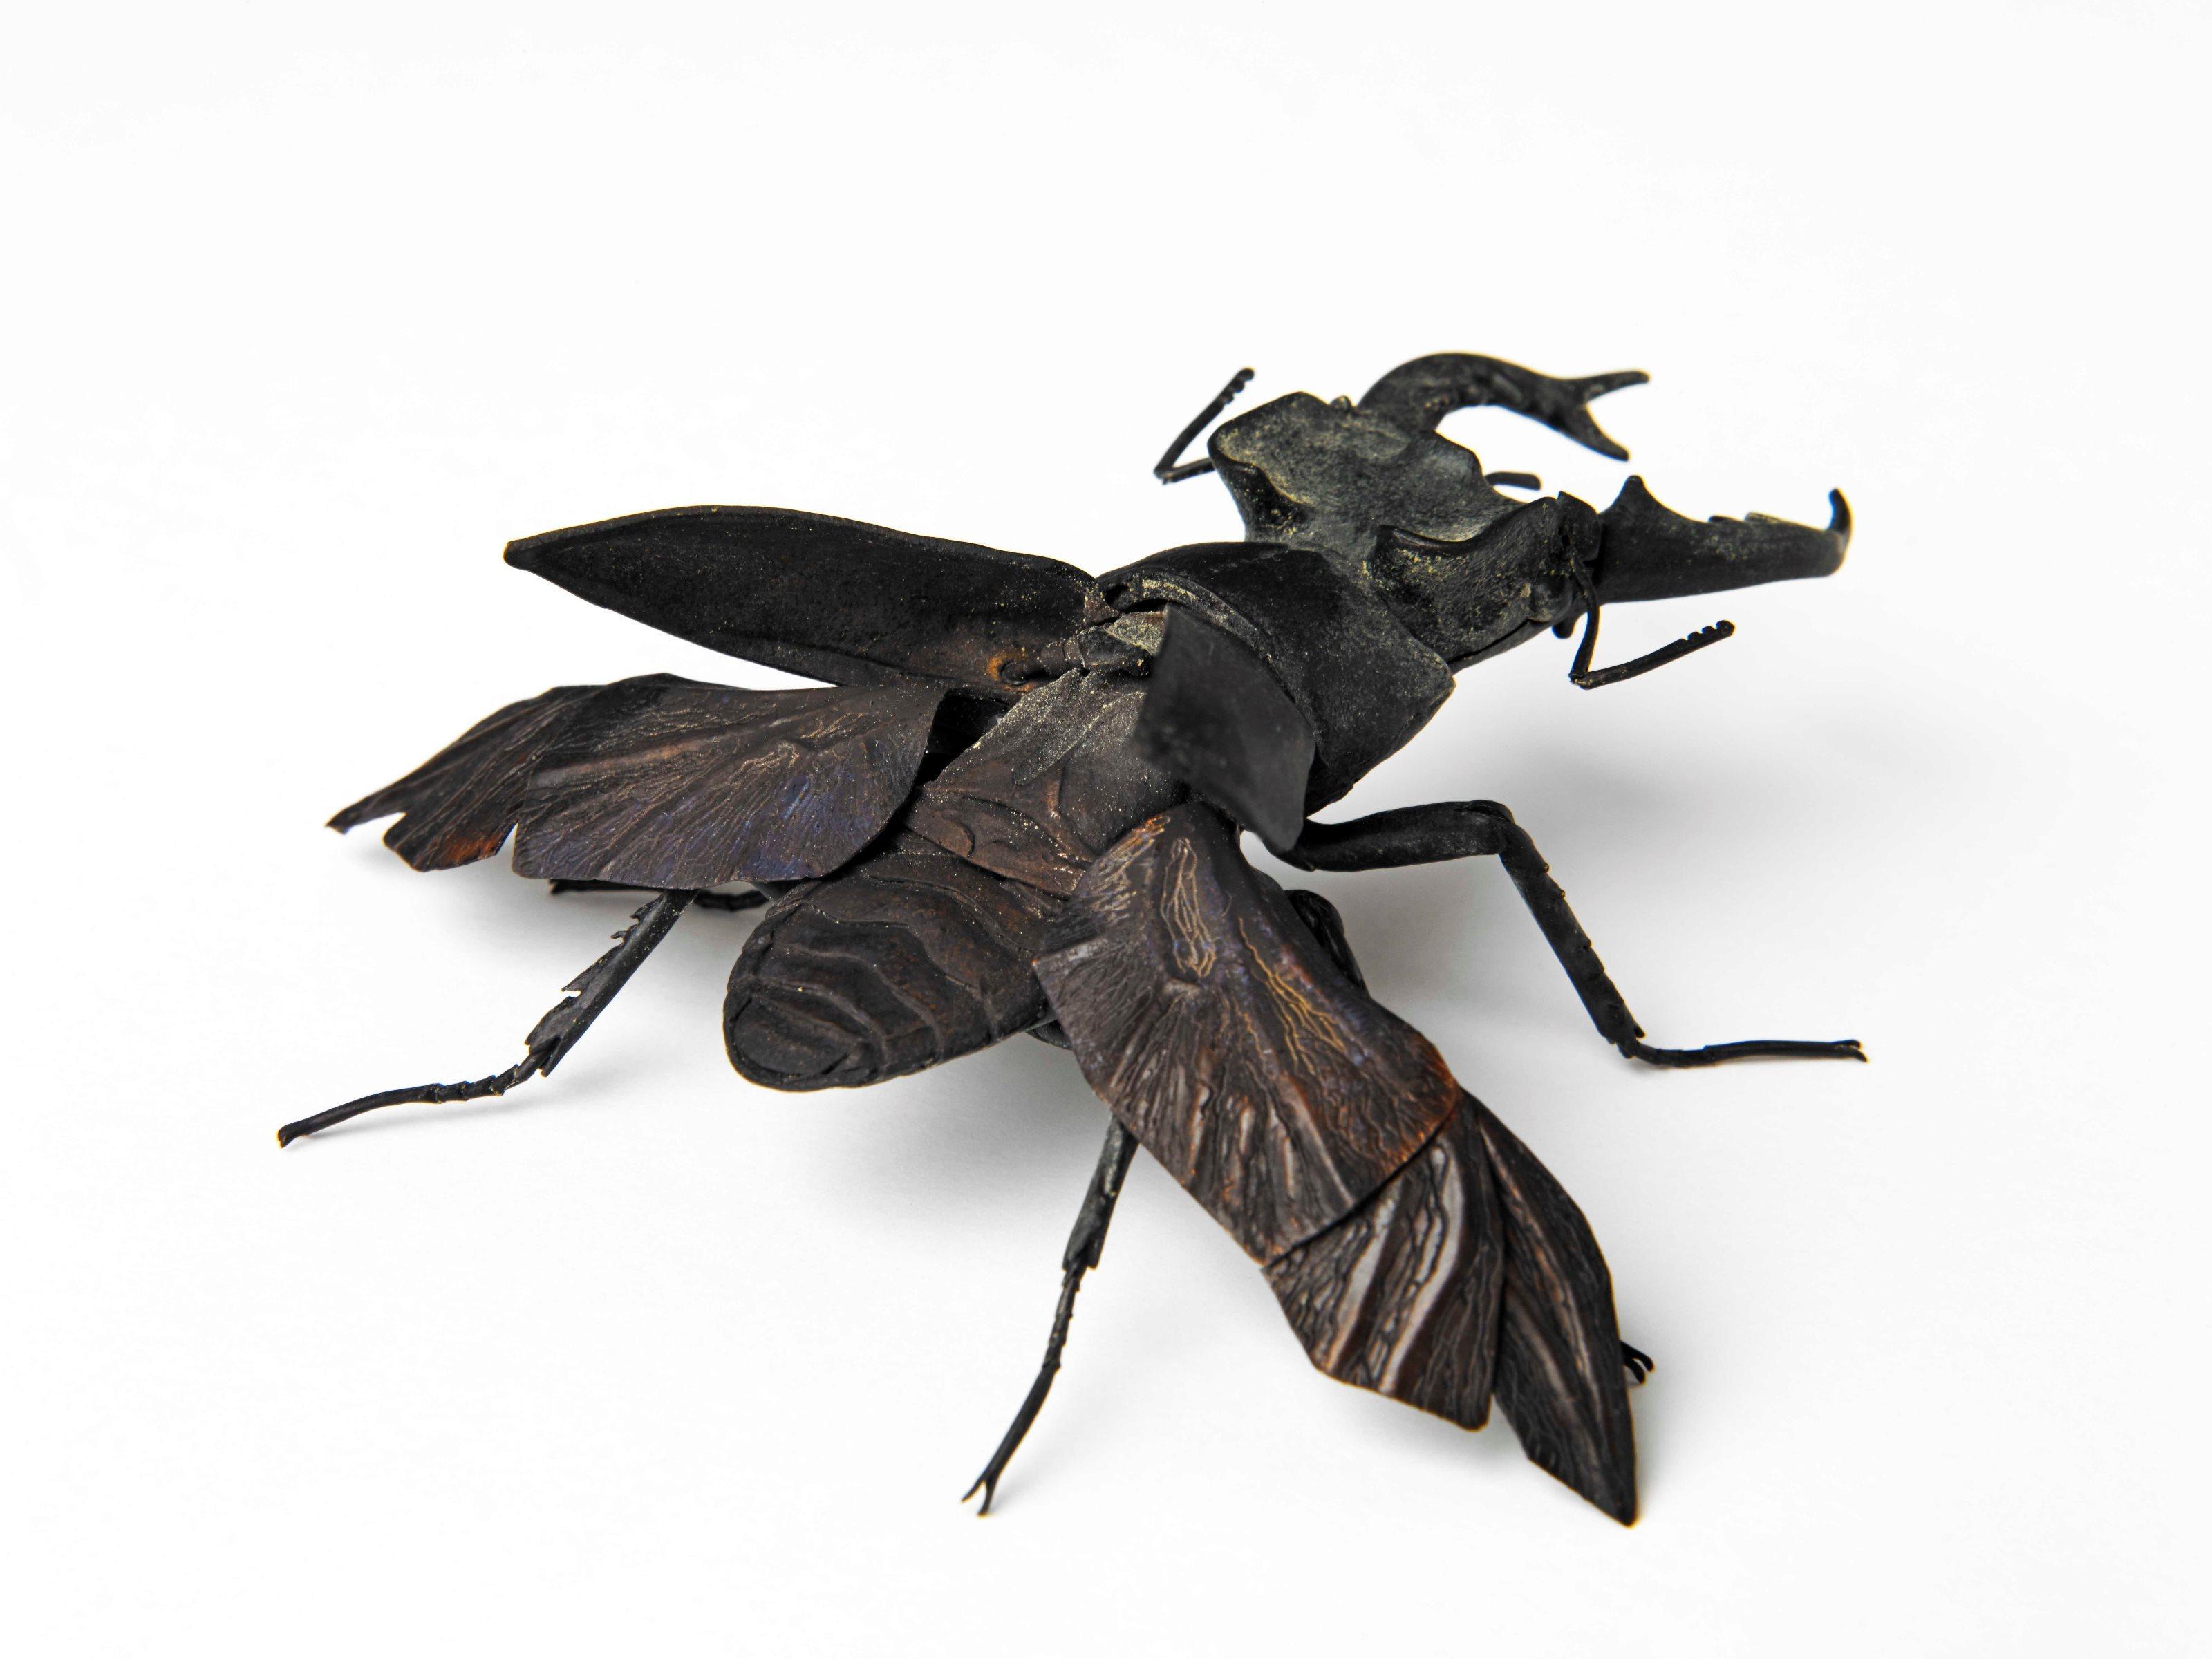 満田晴穂《自在深山鍬形》2015年 銅、真鍮、青銅 L90×W65×H30mm ※関節は動き、前翅と後翅は開くようになっています。